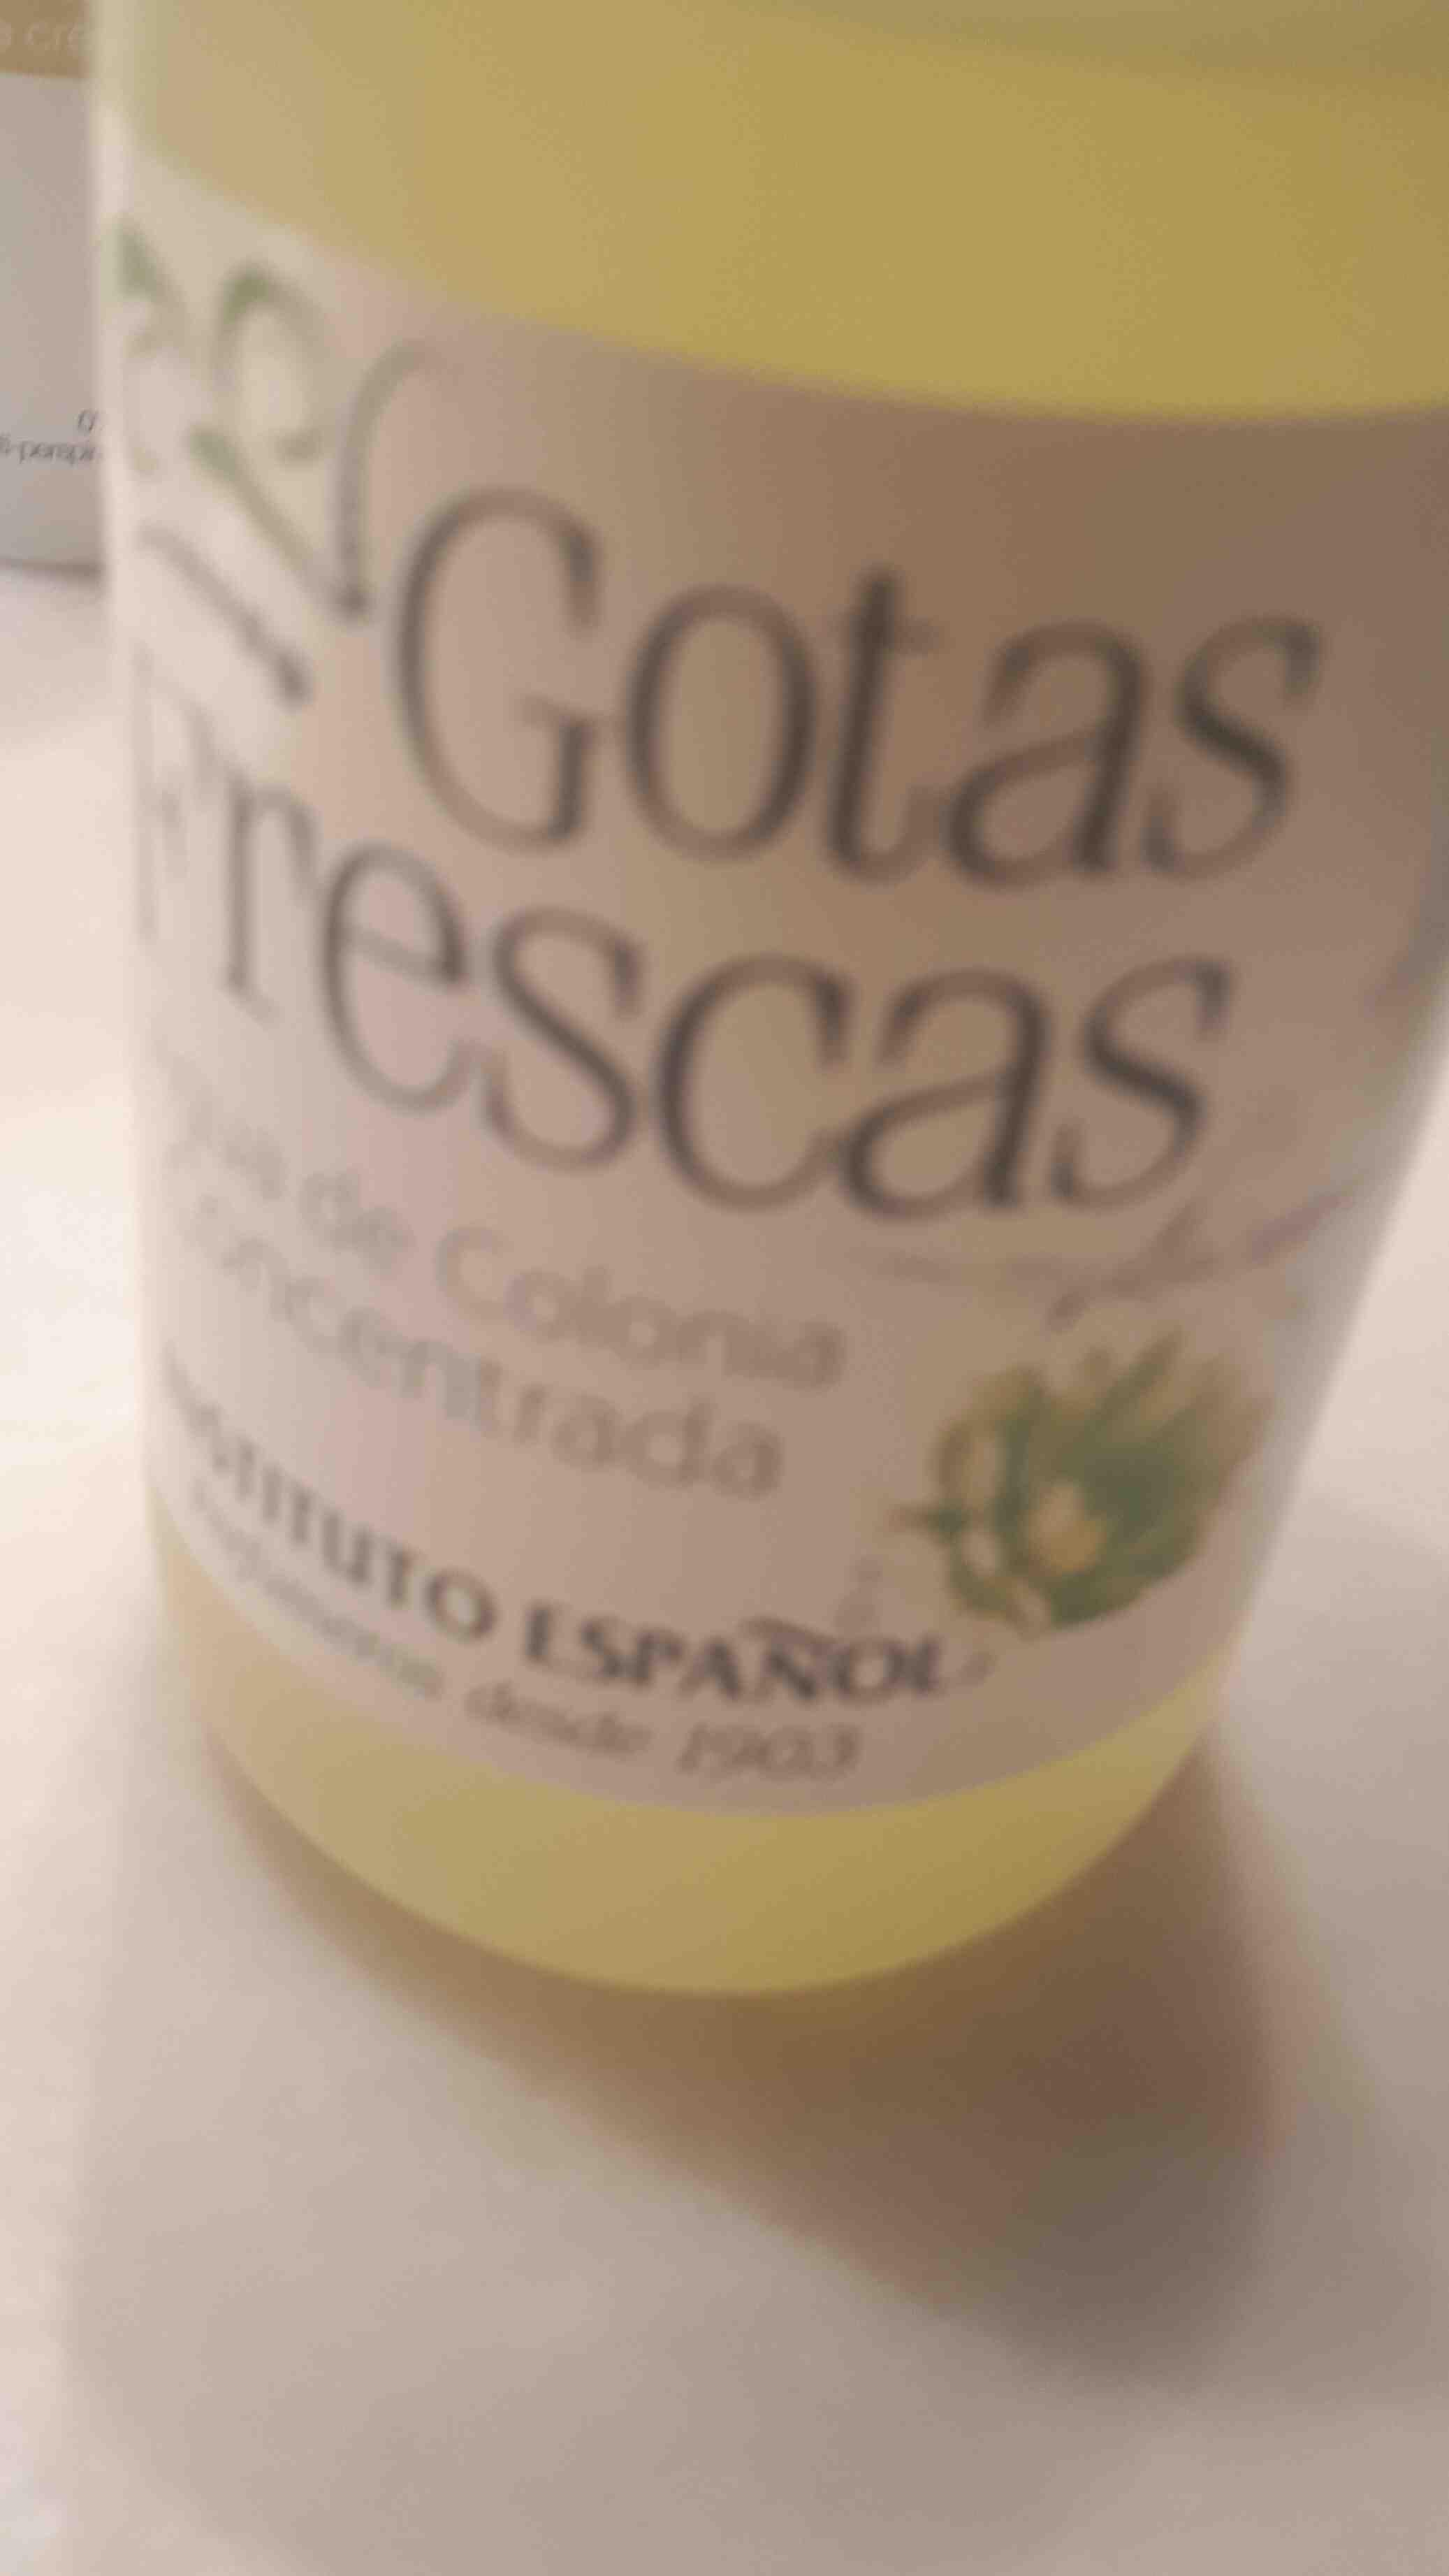 Gotas frescas - Product - en